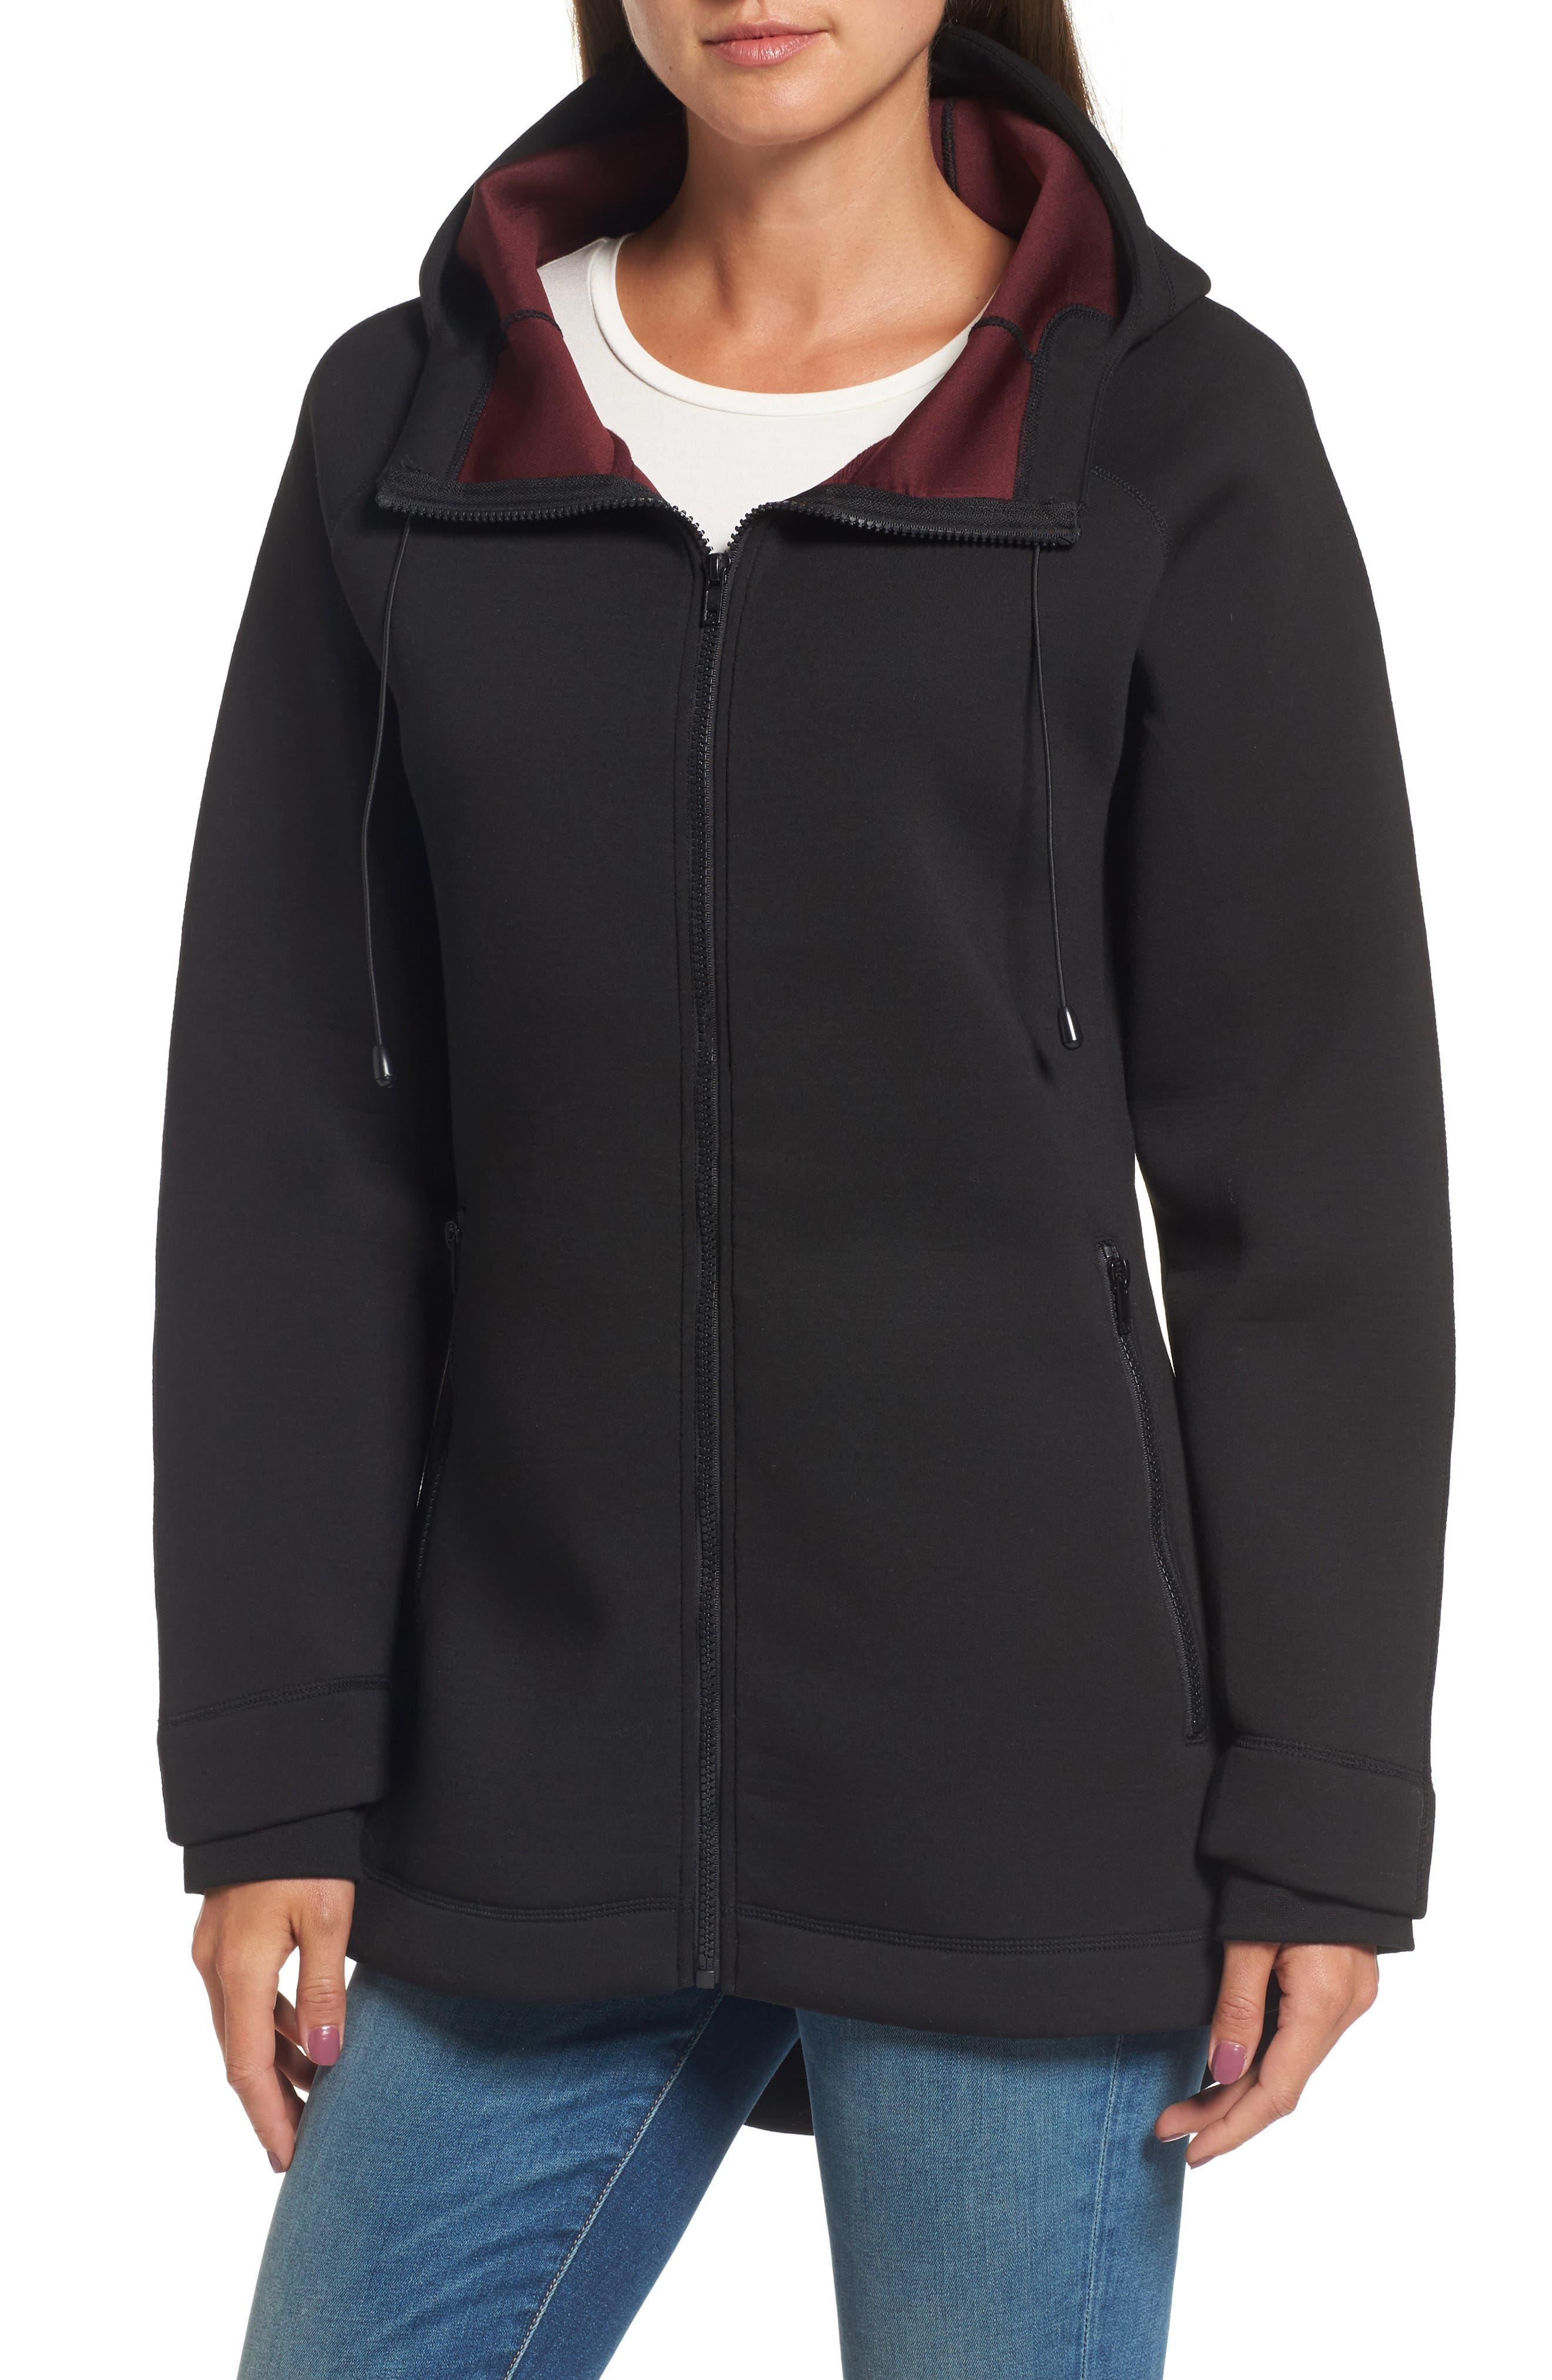 Alternate Image 1 Selected - Kristen Blake Mono Knit Jacket